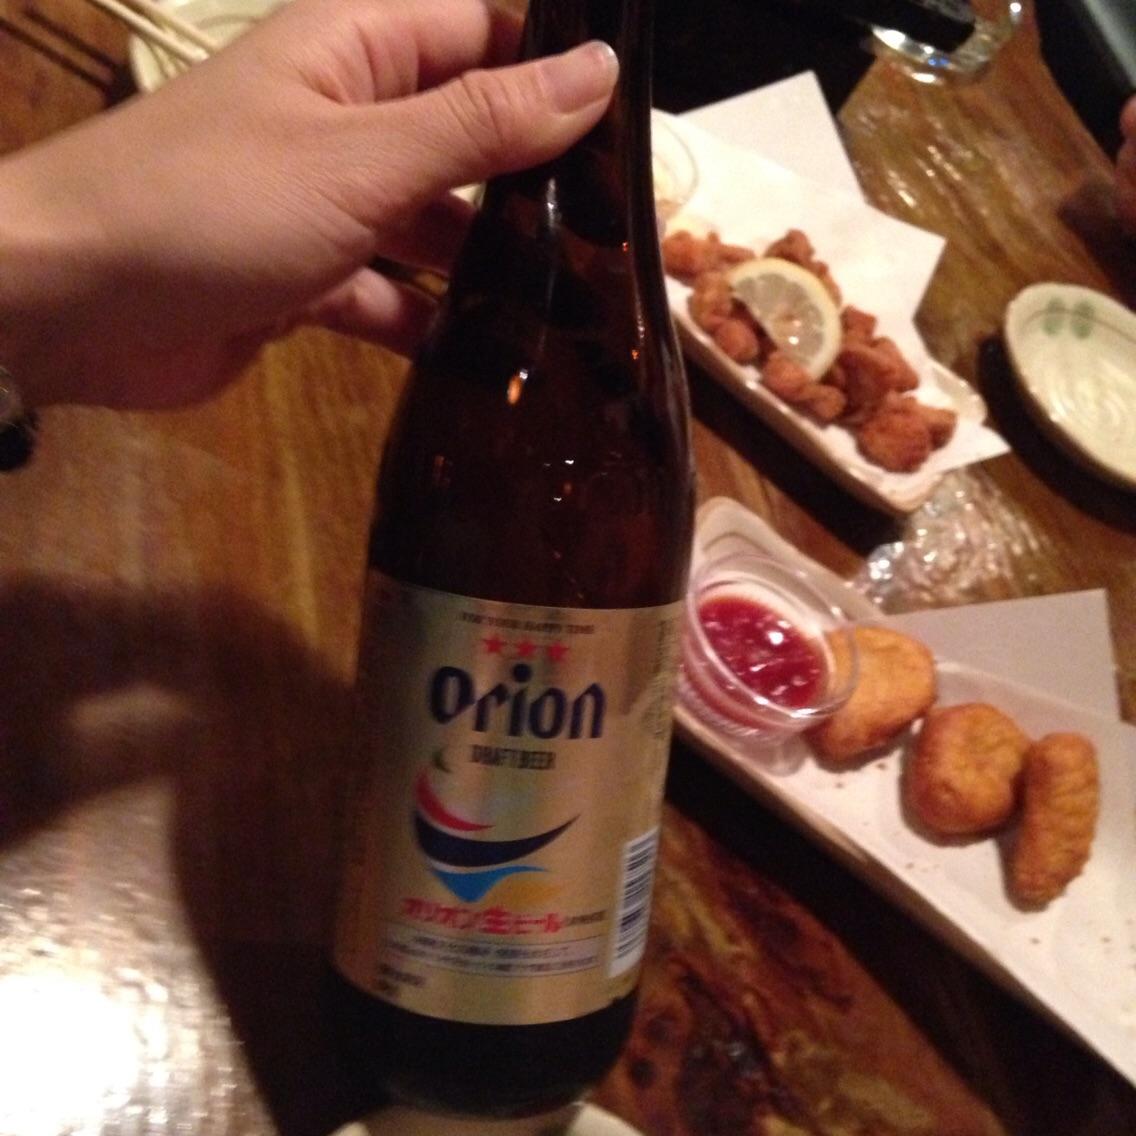 宮古島,沖縄,キャバクラ,居酒屋,ビール,飲み屋